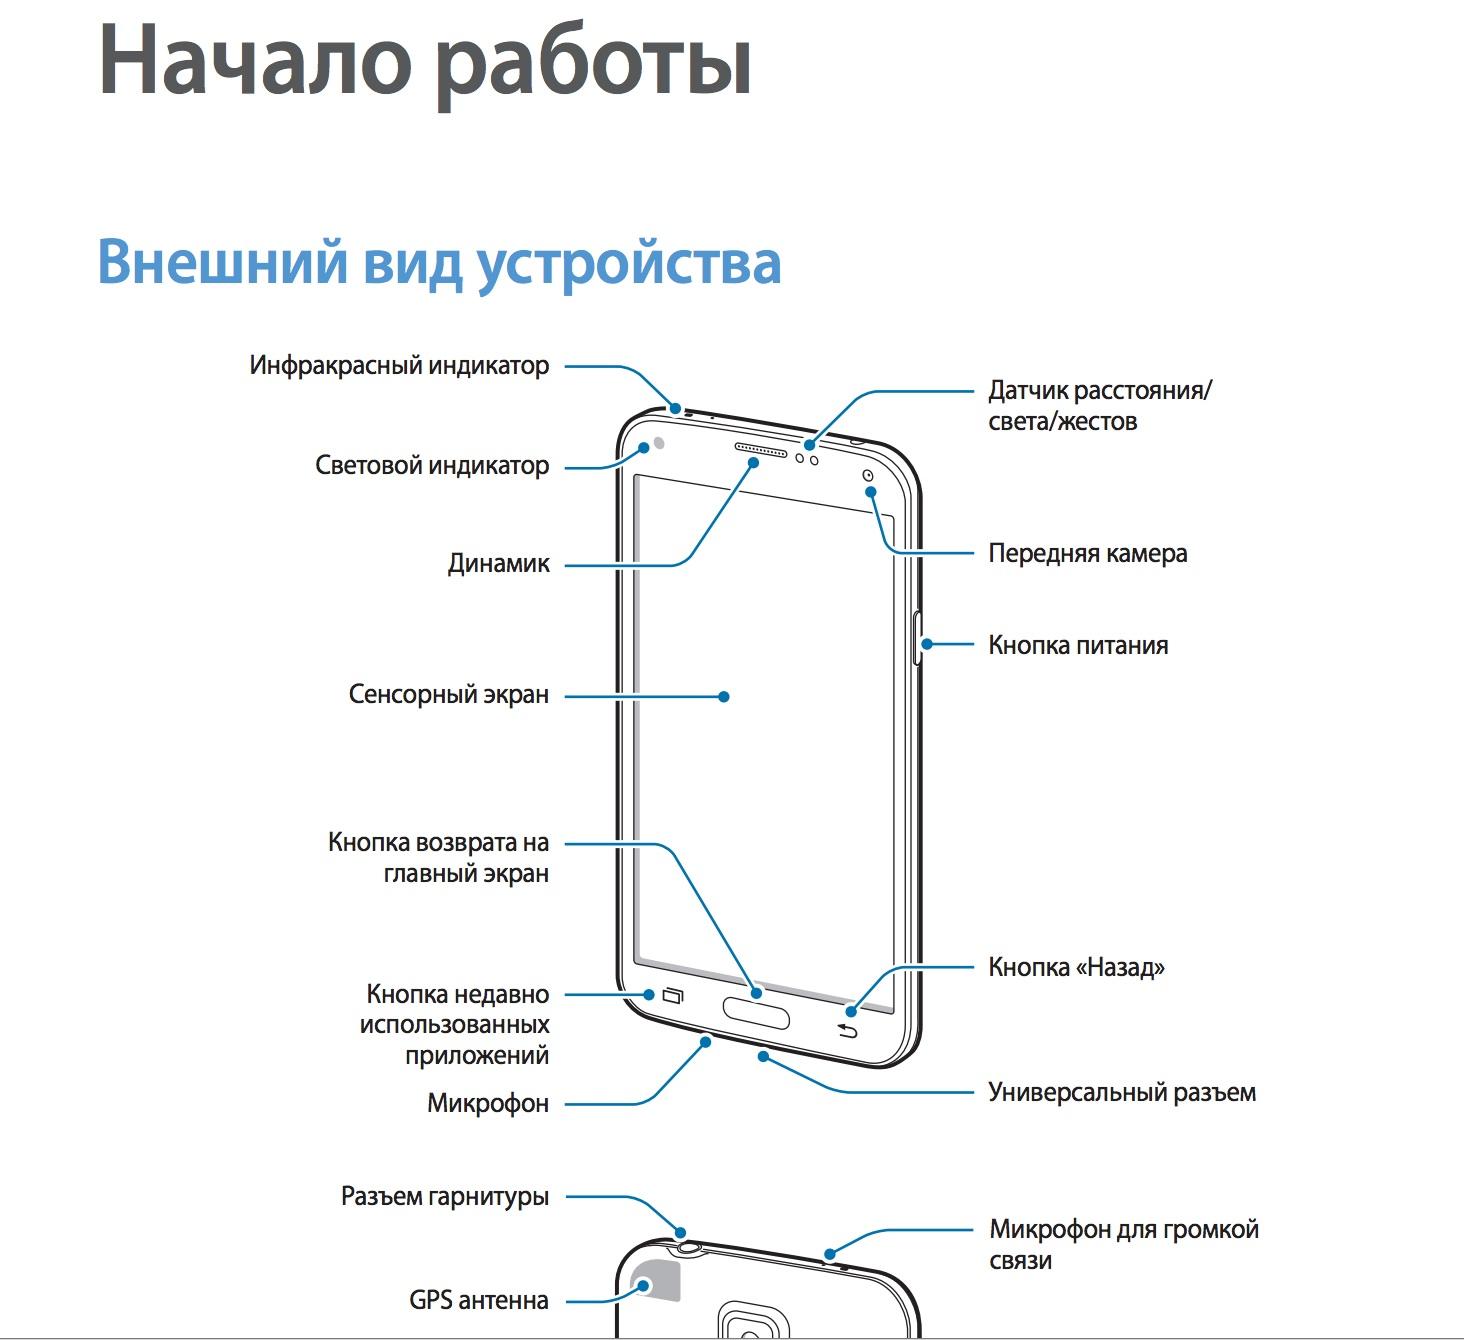 Телефоны nokia инструкции